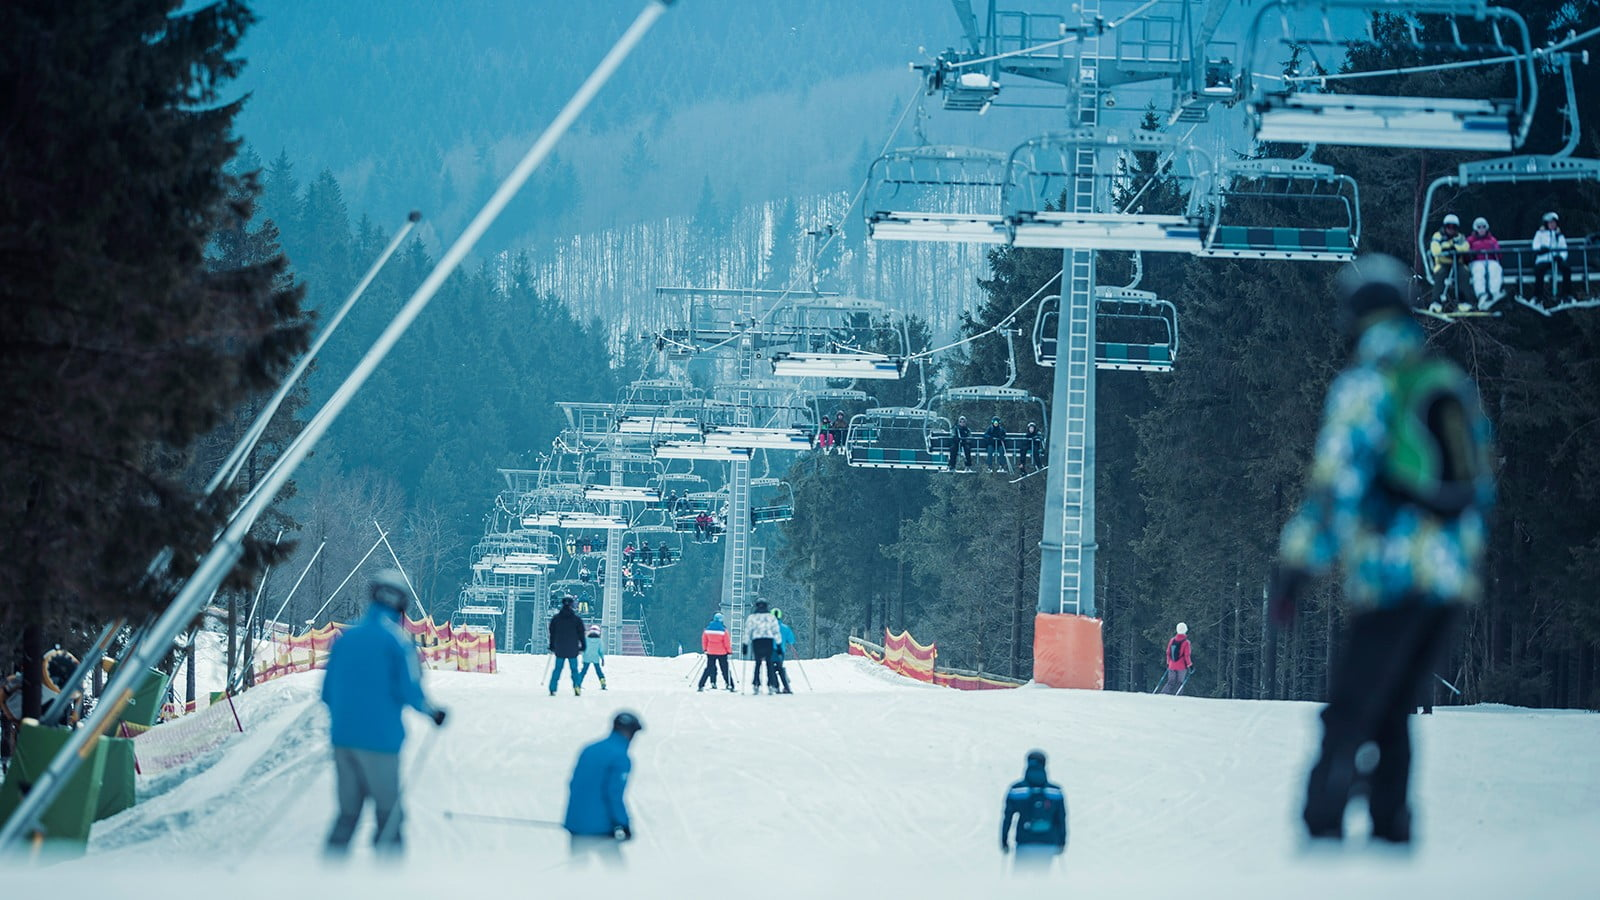 Duitsland wintersport